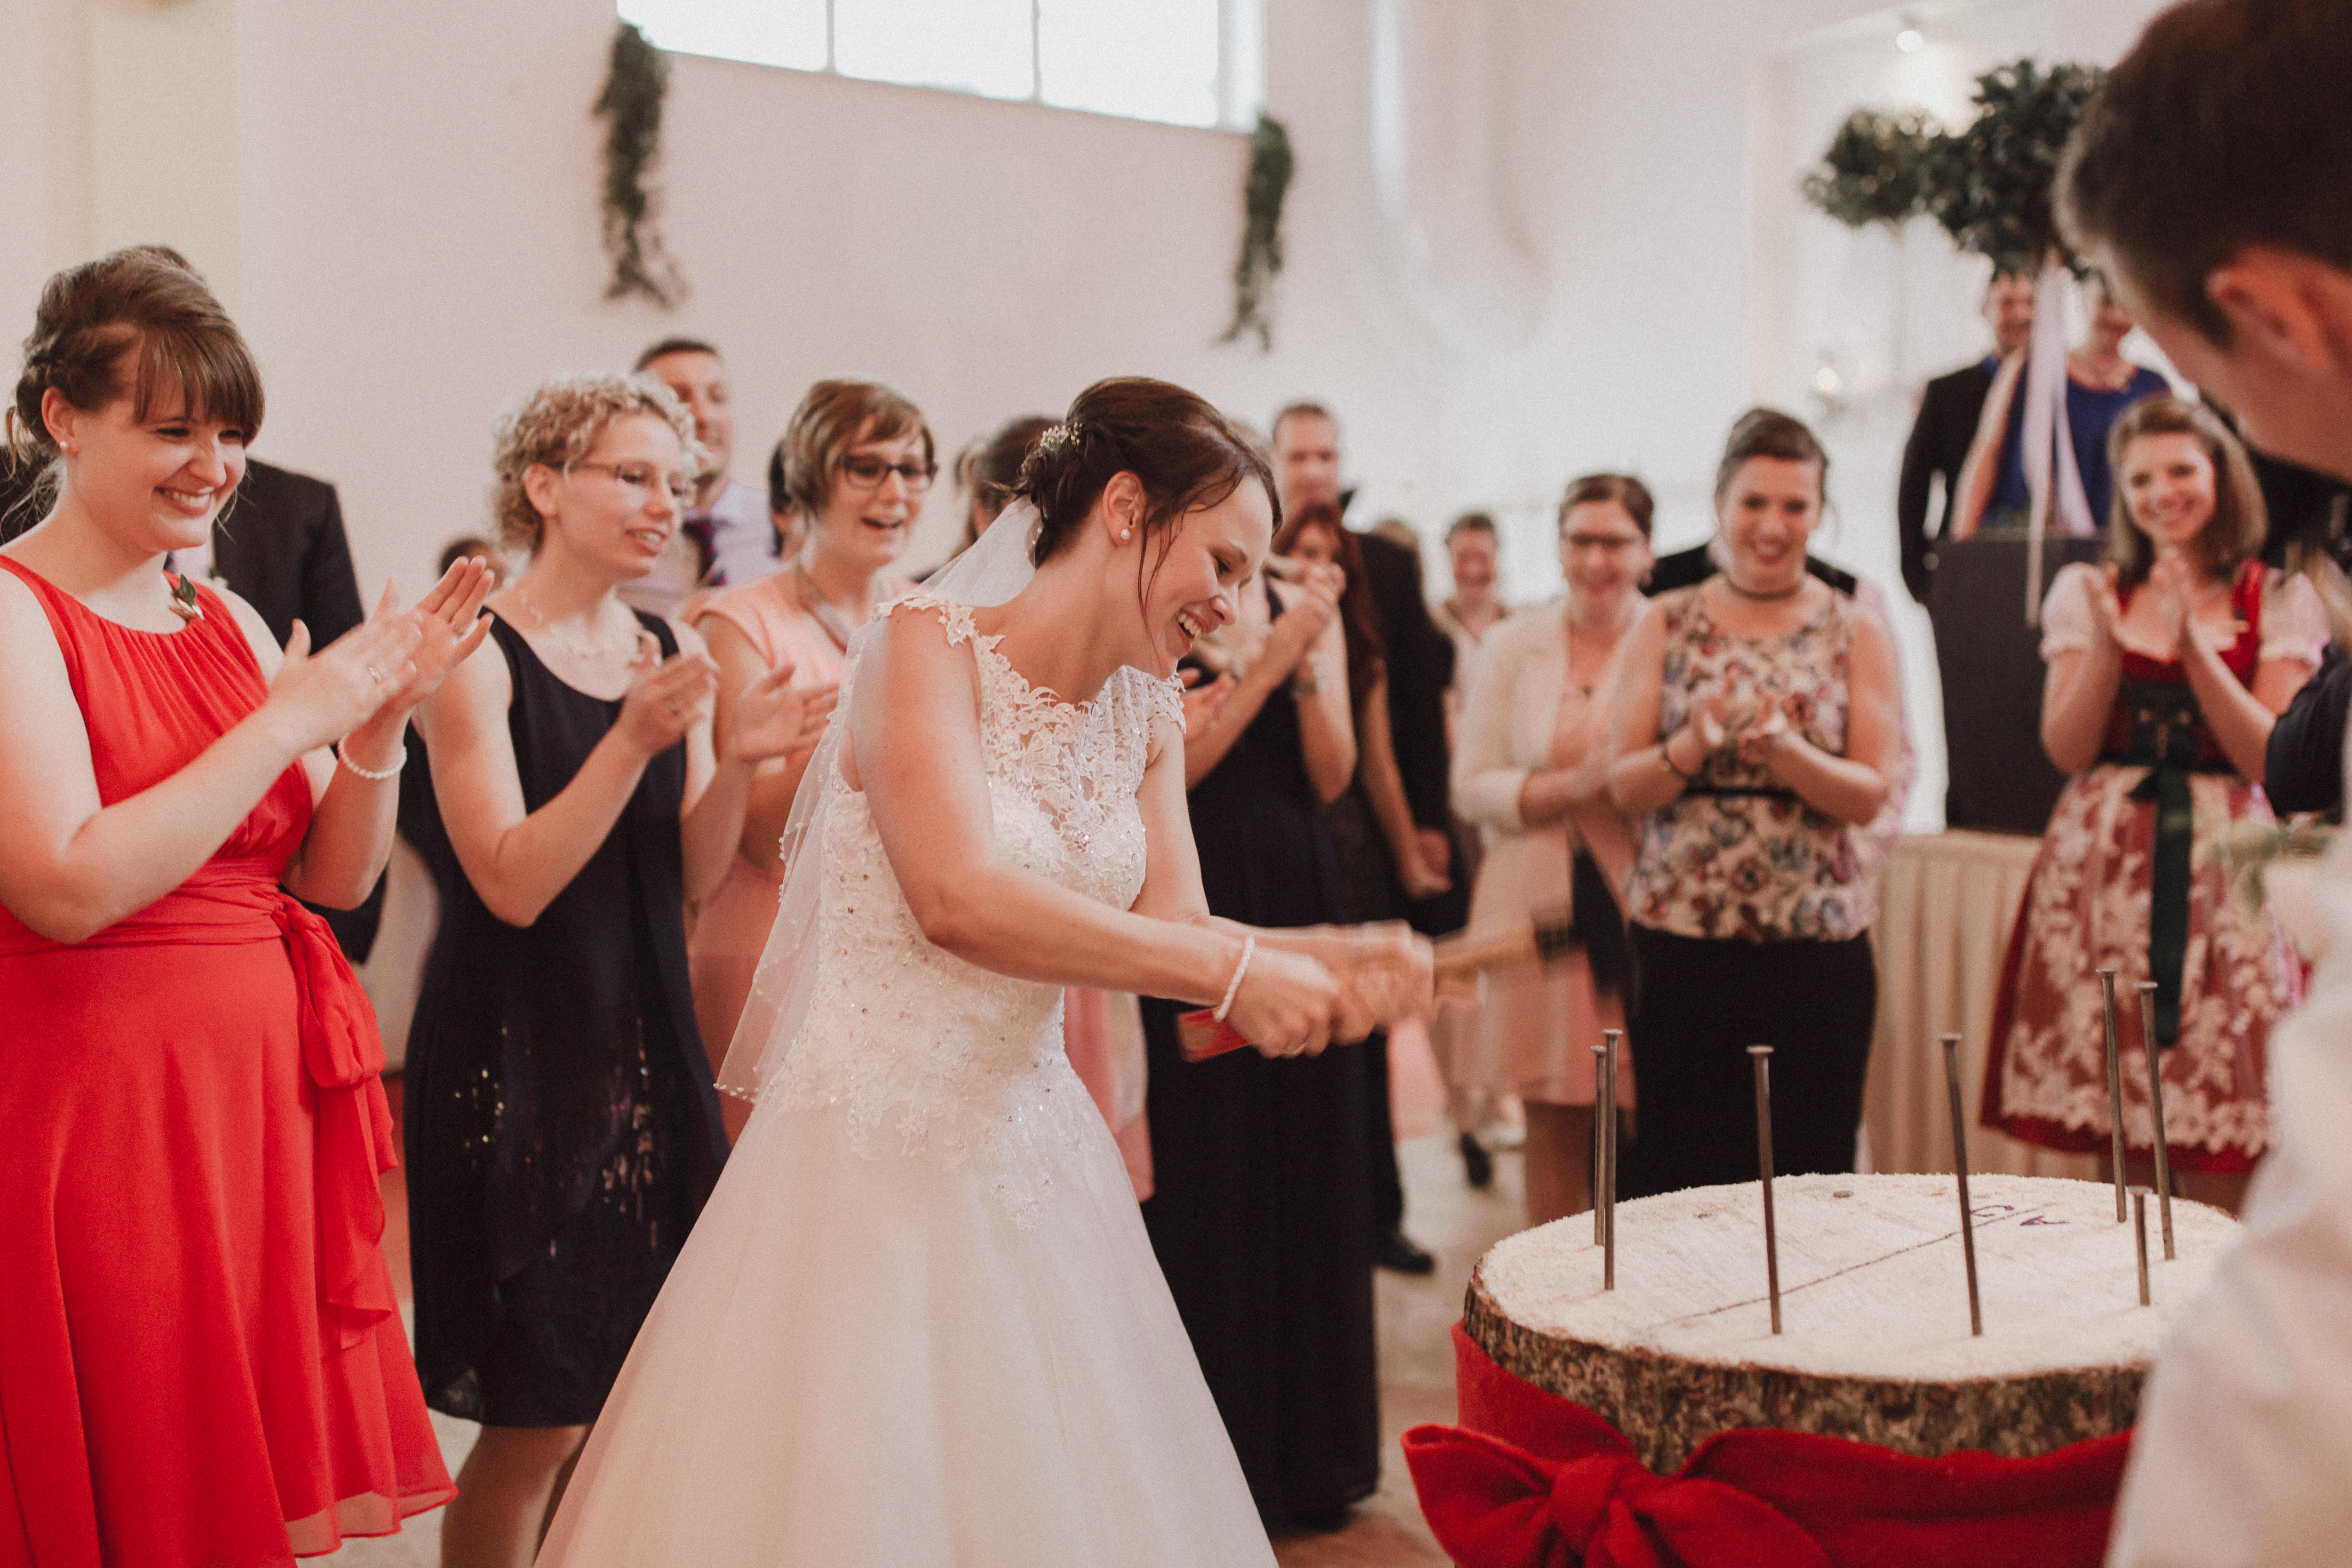 URBANERIE_Daniela_Goth_Hochzeitsfotografin_Nürnberg_Fürth_Erlangen_Schwabach_170909_0109